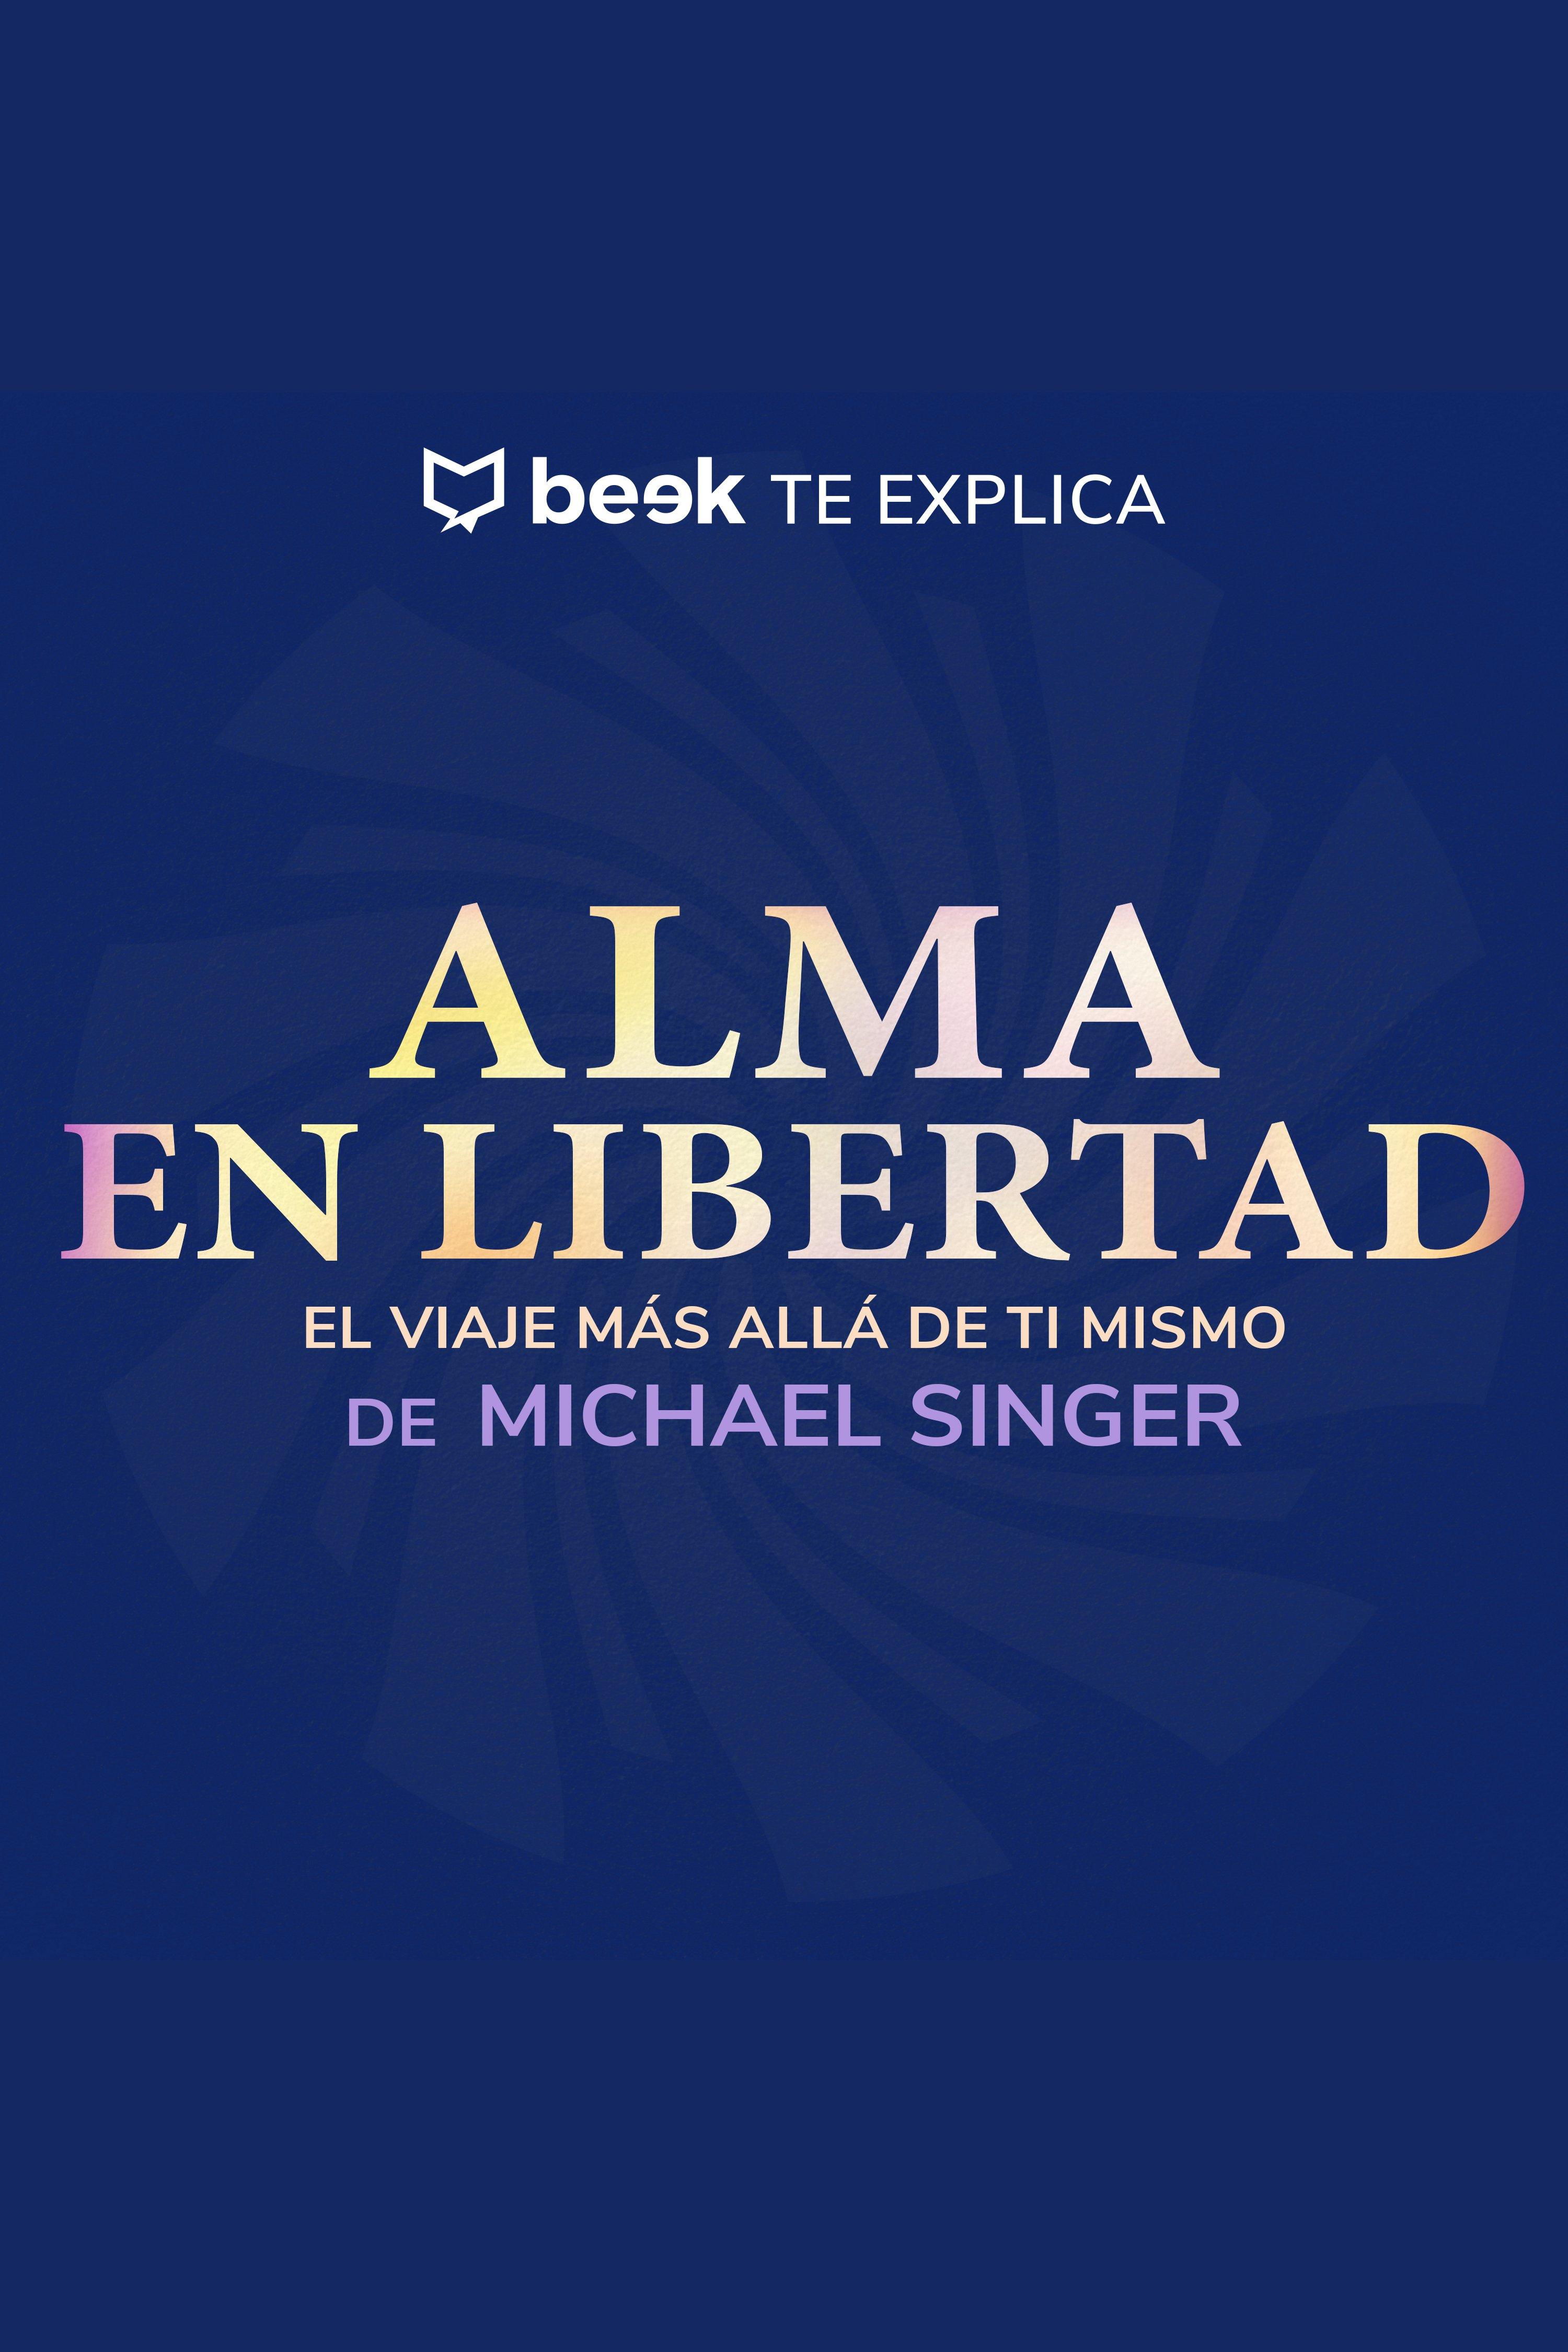 Esta es la portada del audiolibro Alma en libertad… Beek te explica